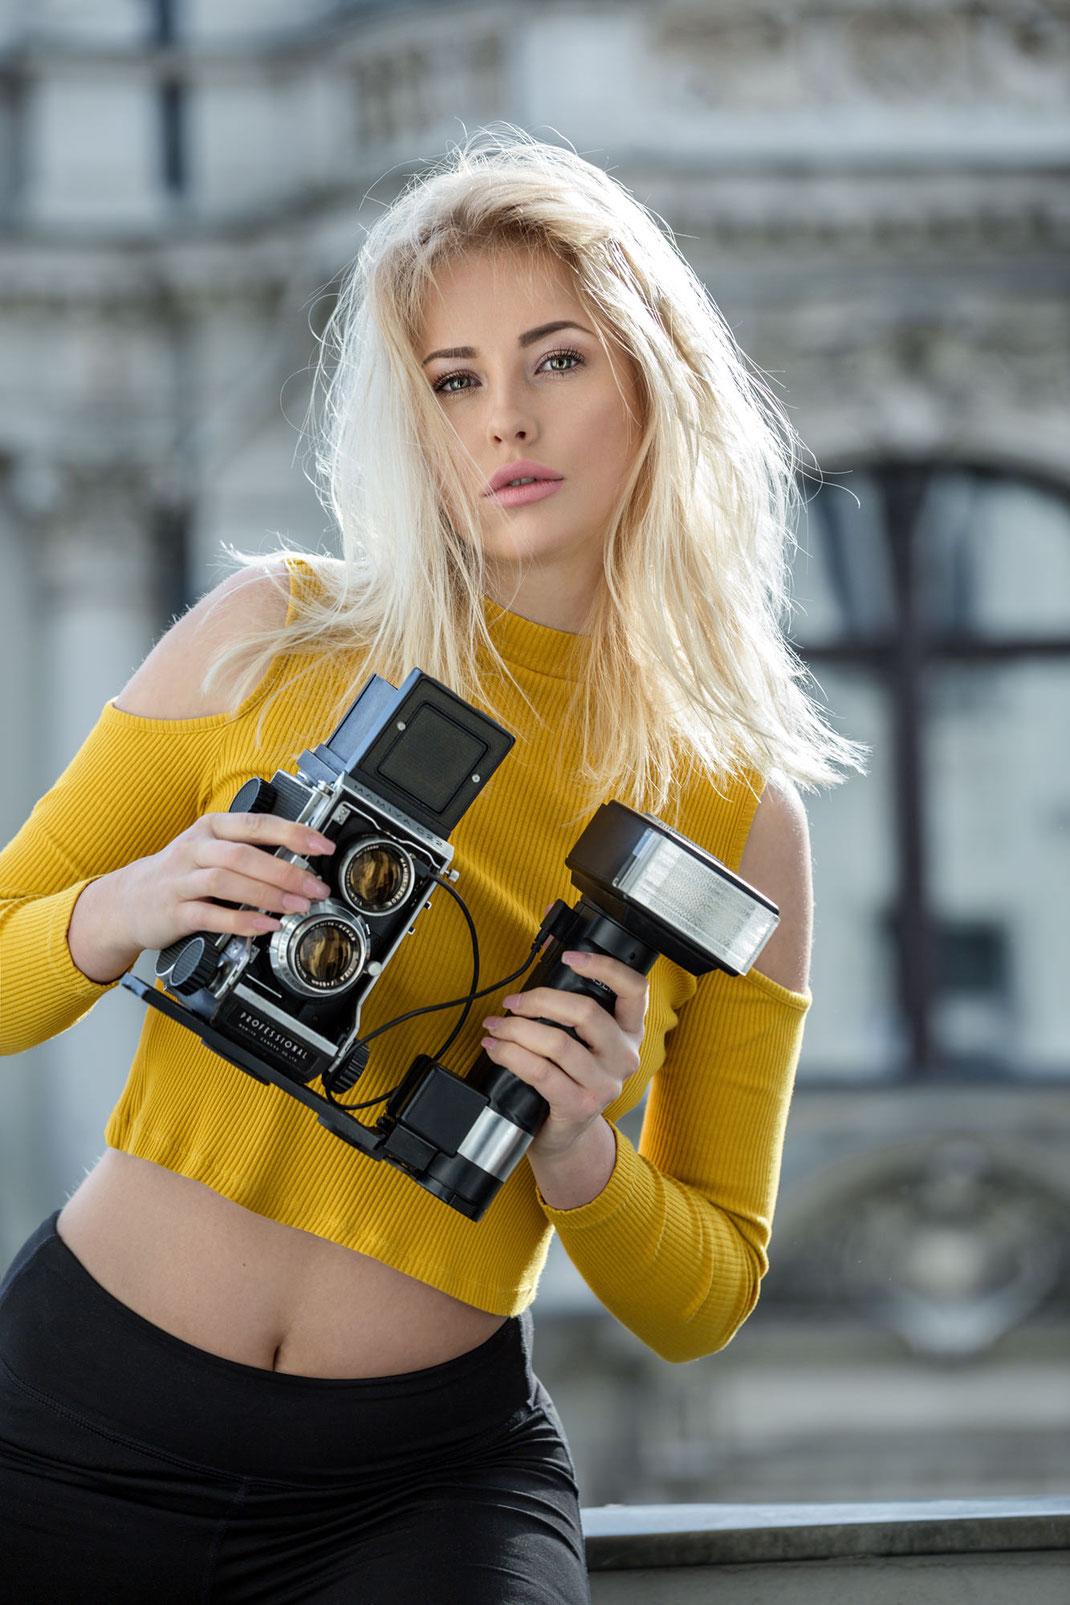 Two Beauties - Saskia & Mamiya C22 with Metz 45 CT1 - Markus Hertzsch - Camera - Flash - Girl